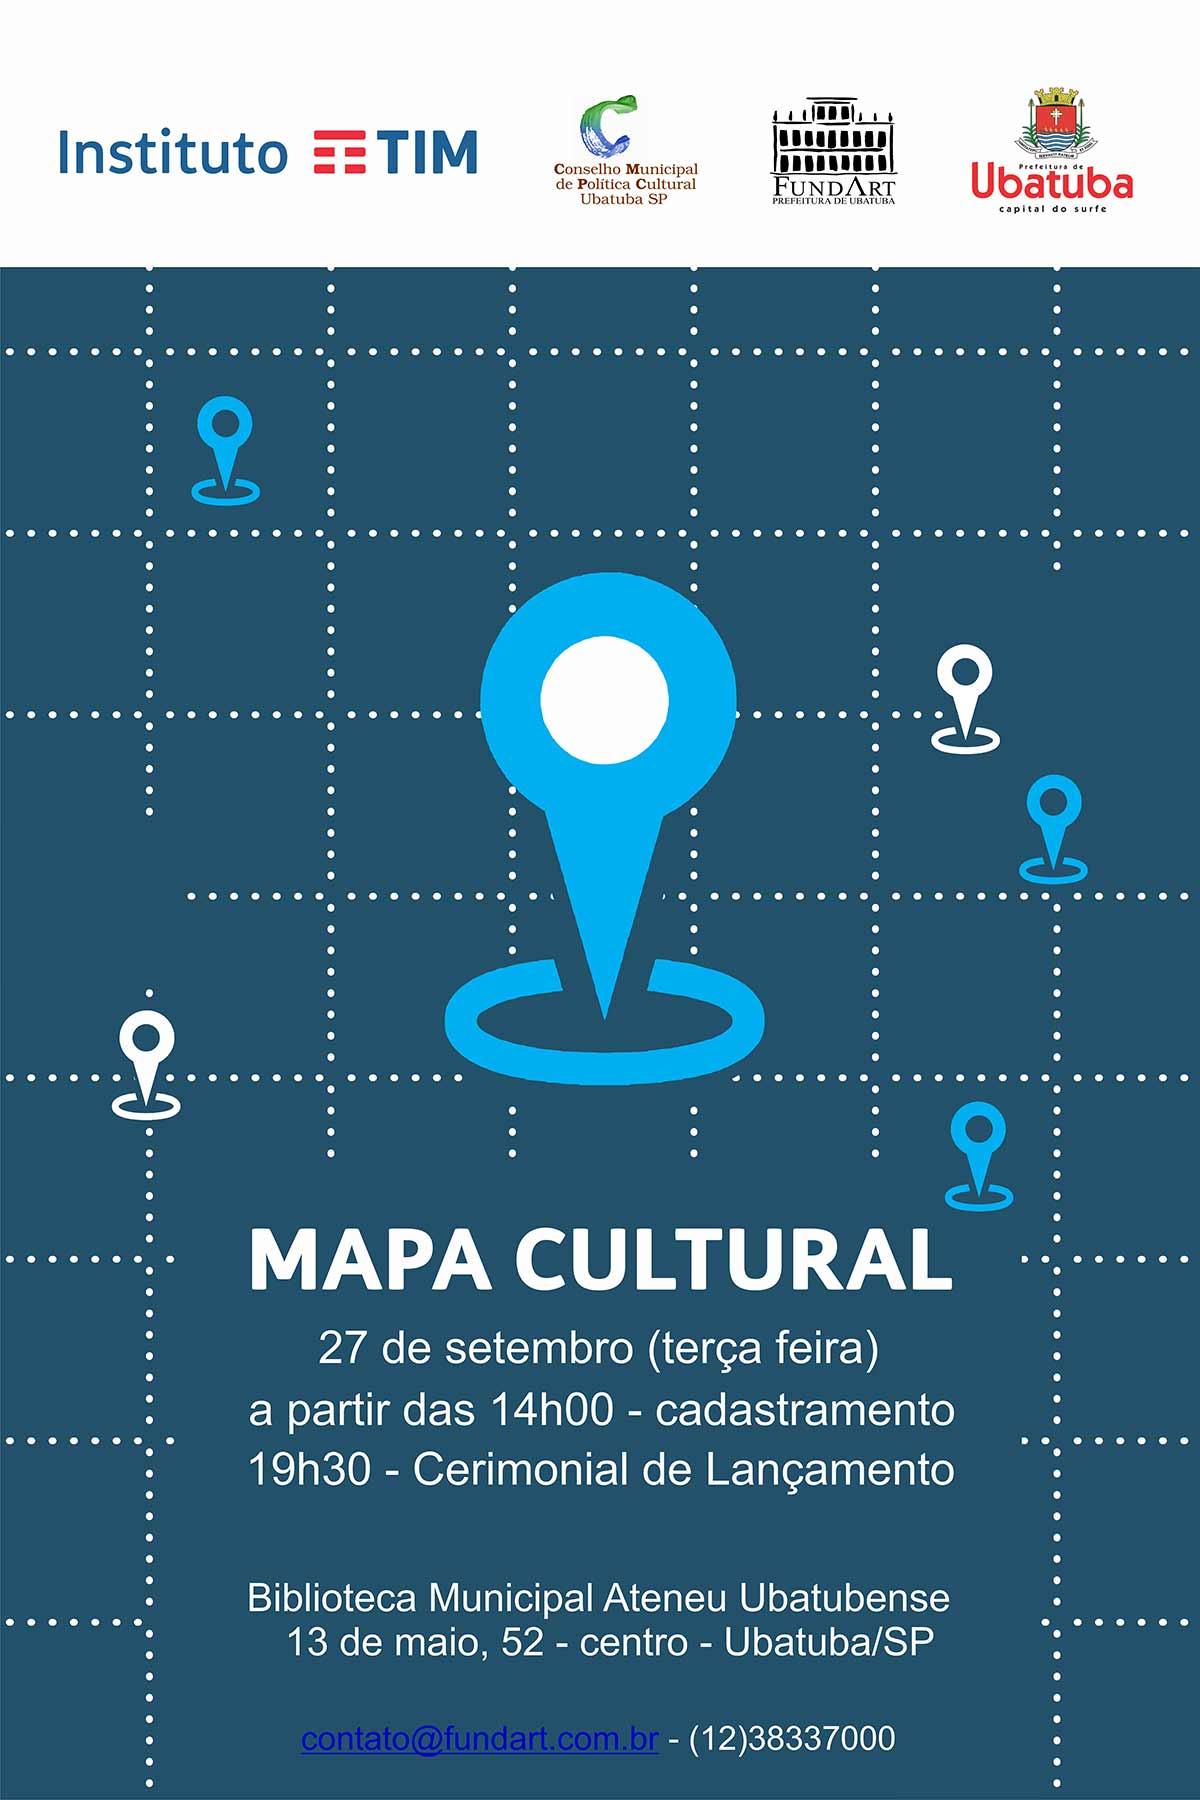 mapa-cultural-convite